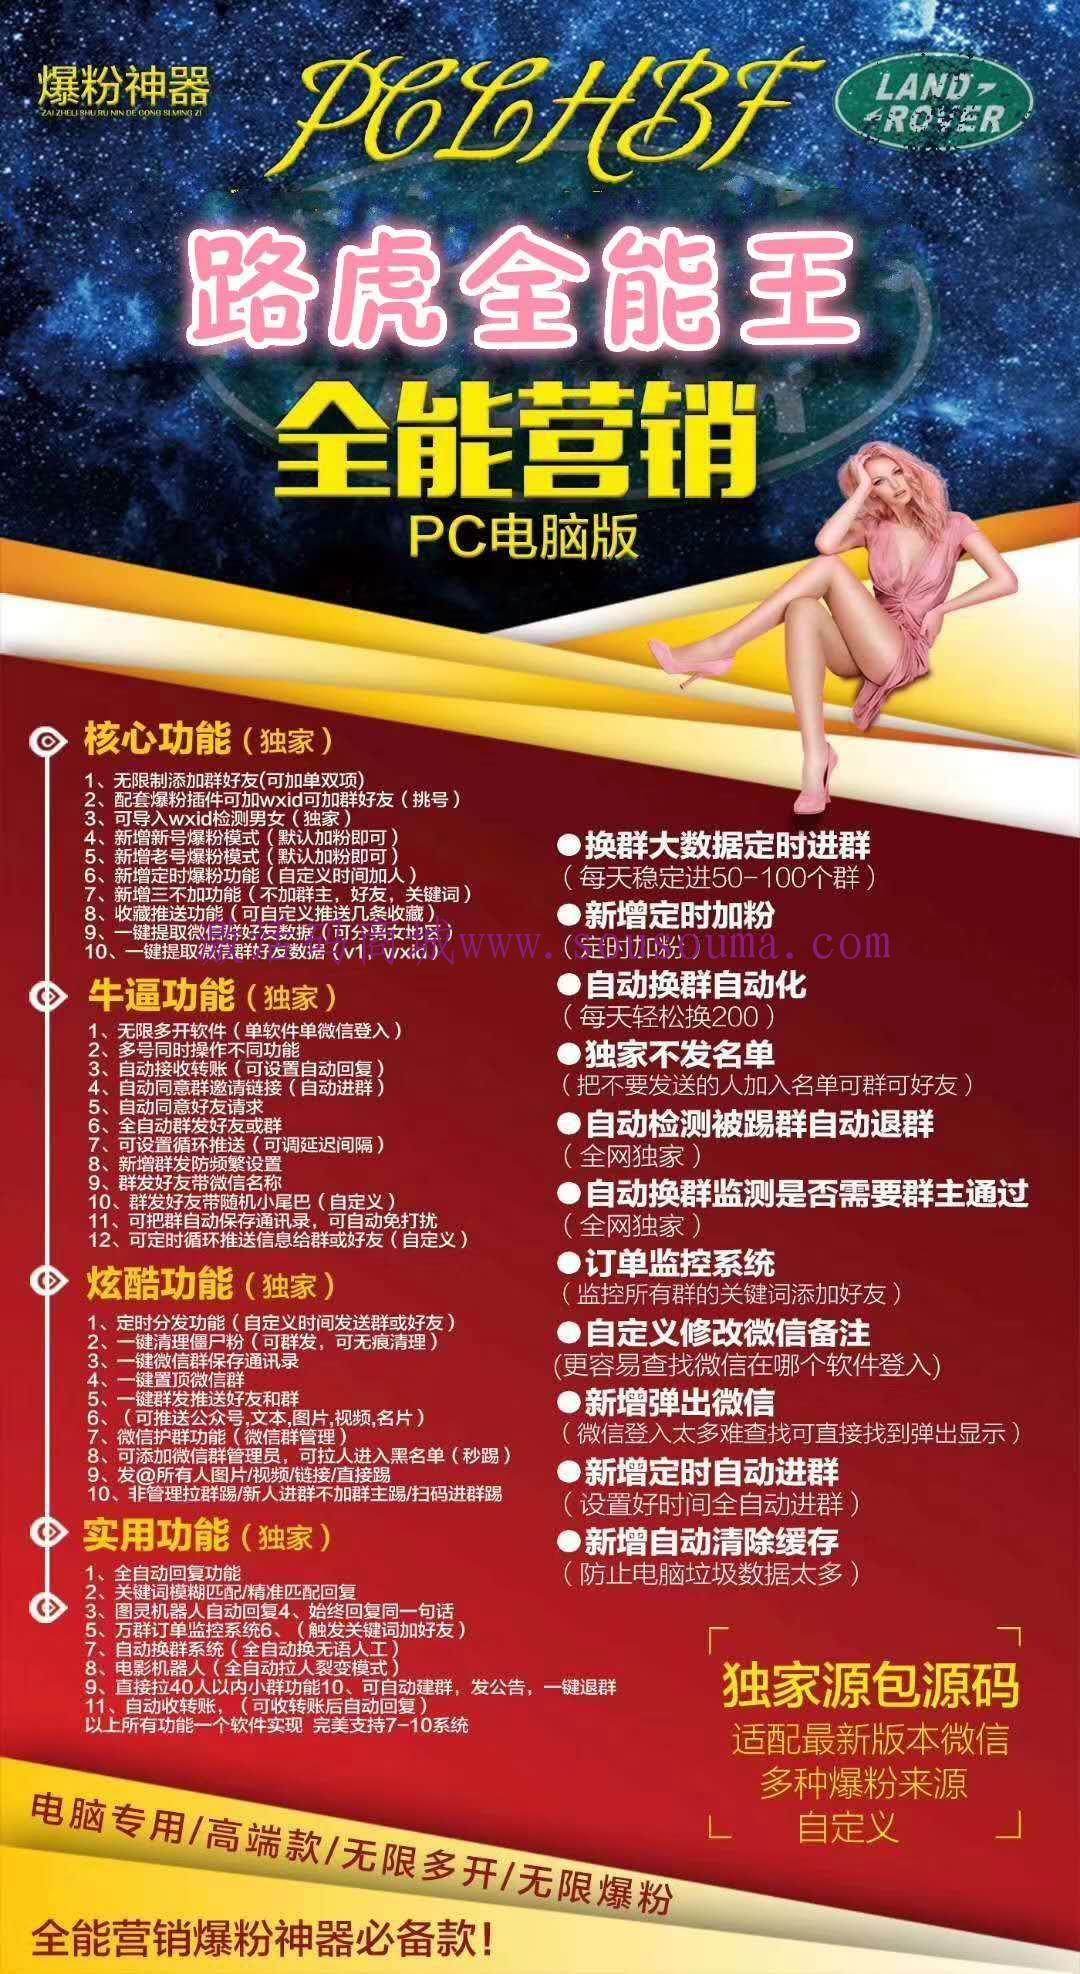 【路虎全能王视频教程】电脑多功能微信营销软件防封稳定激活码授权